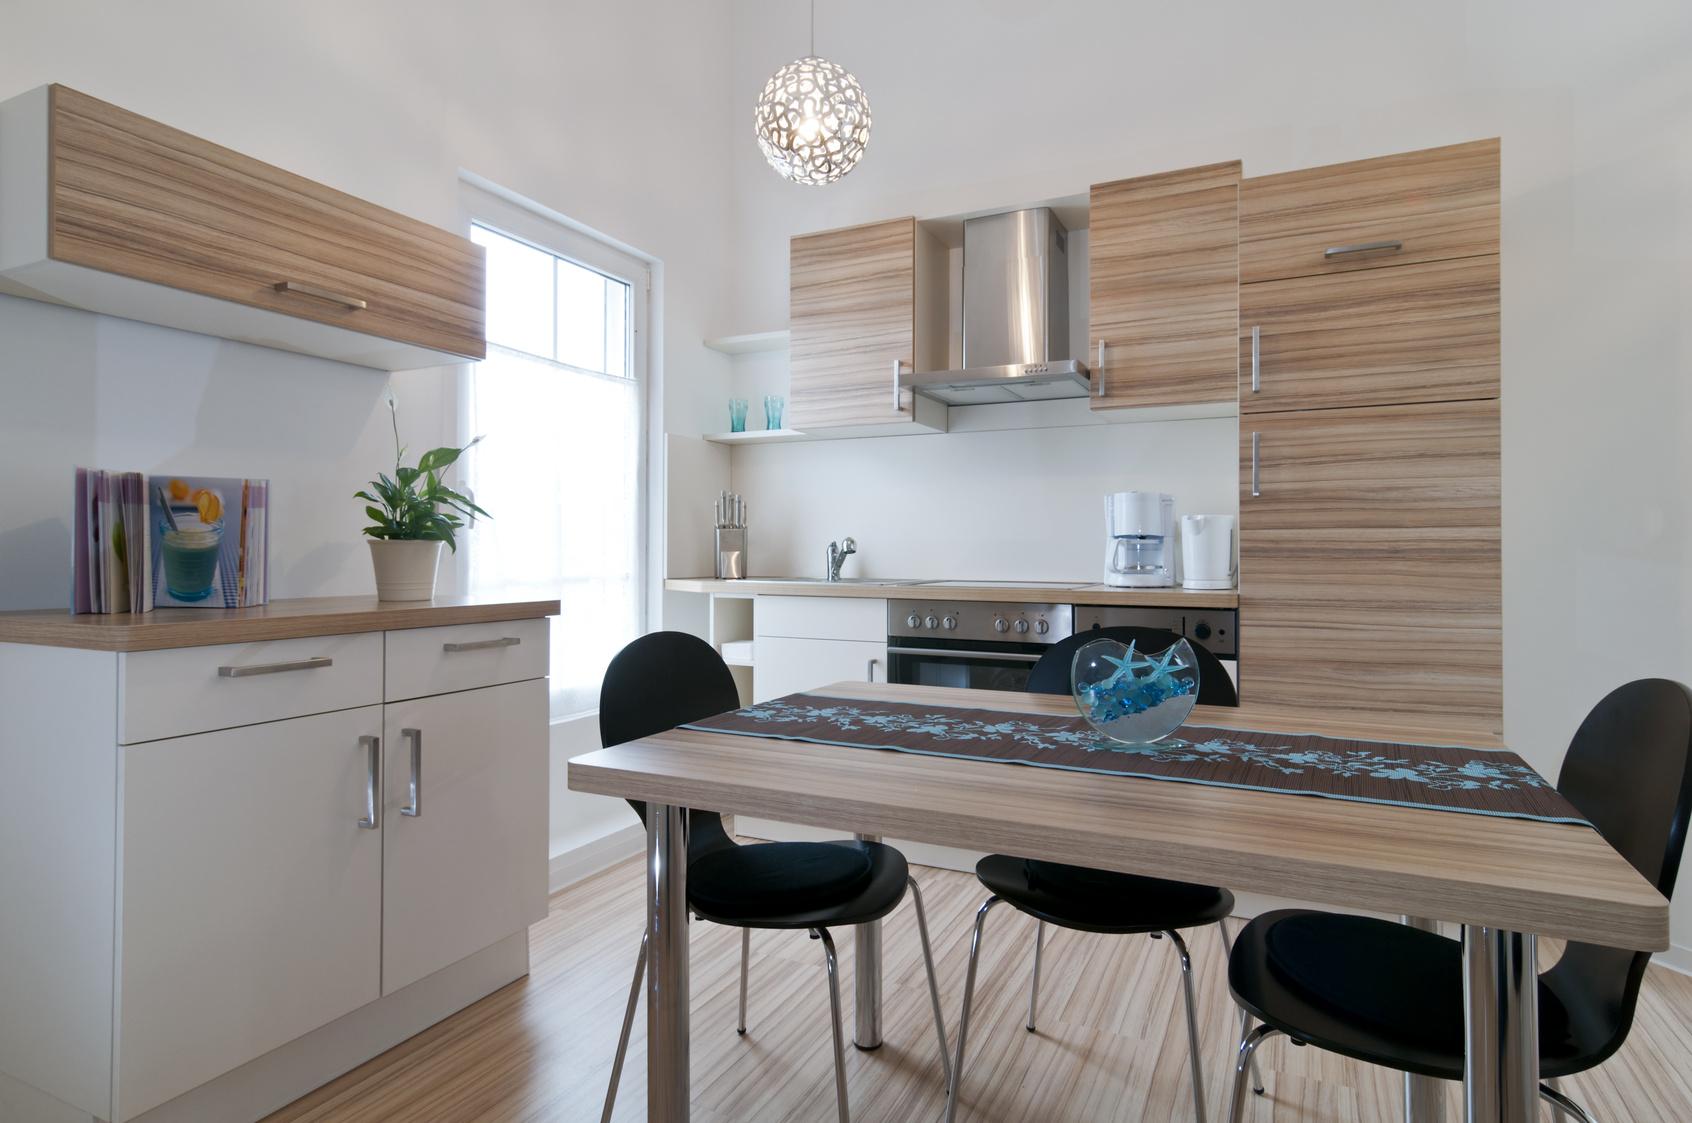 Inspirierende Beispielbilder Für Offene Küchen / Wohnküchen